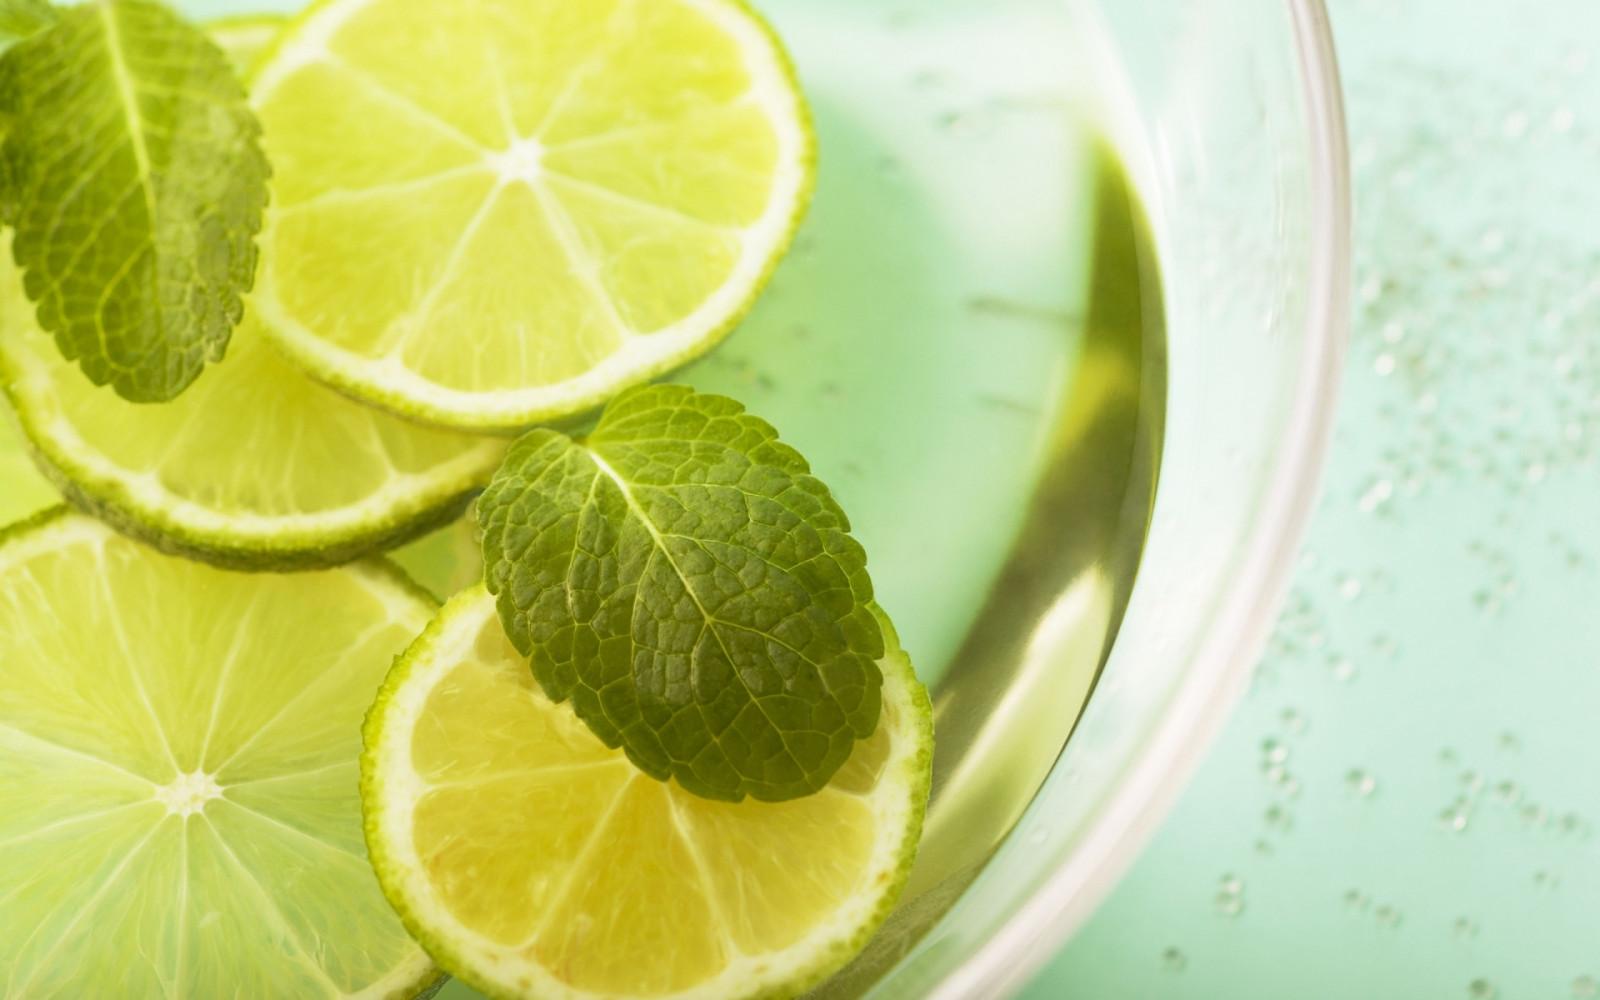 Lemonade, lemon, mint, segments, leaves